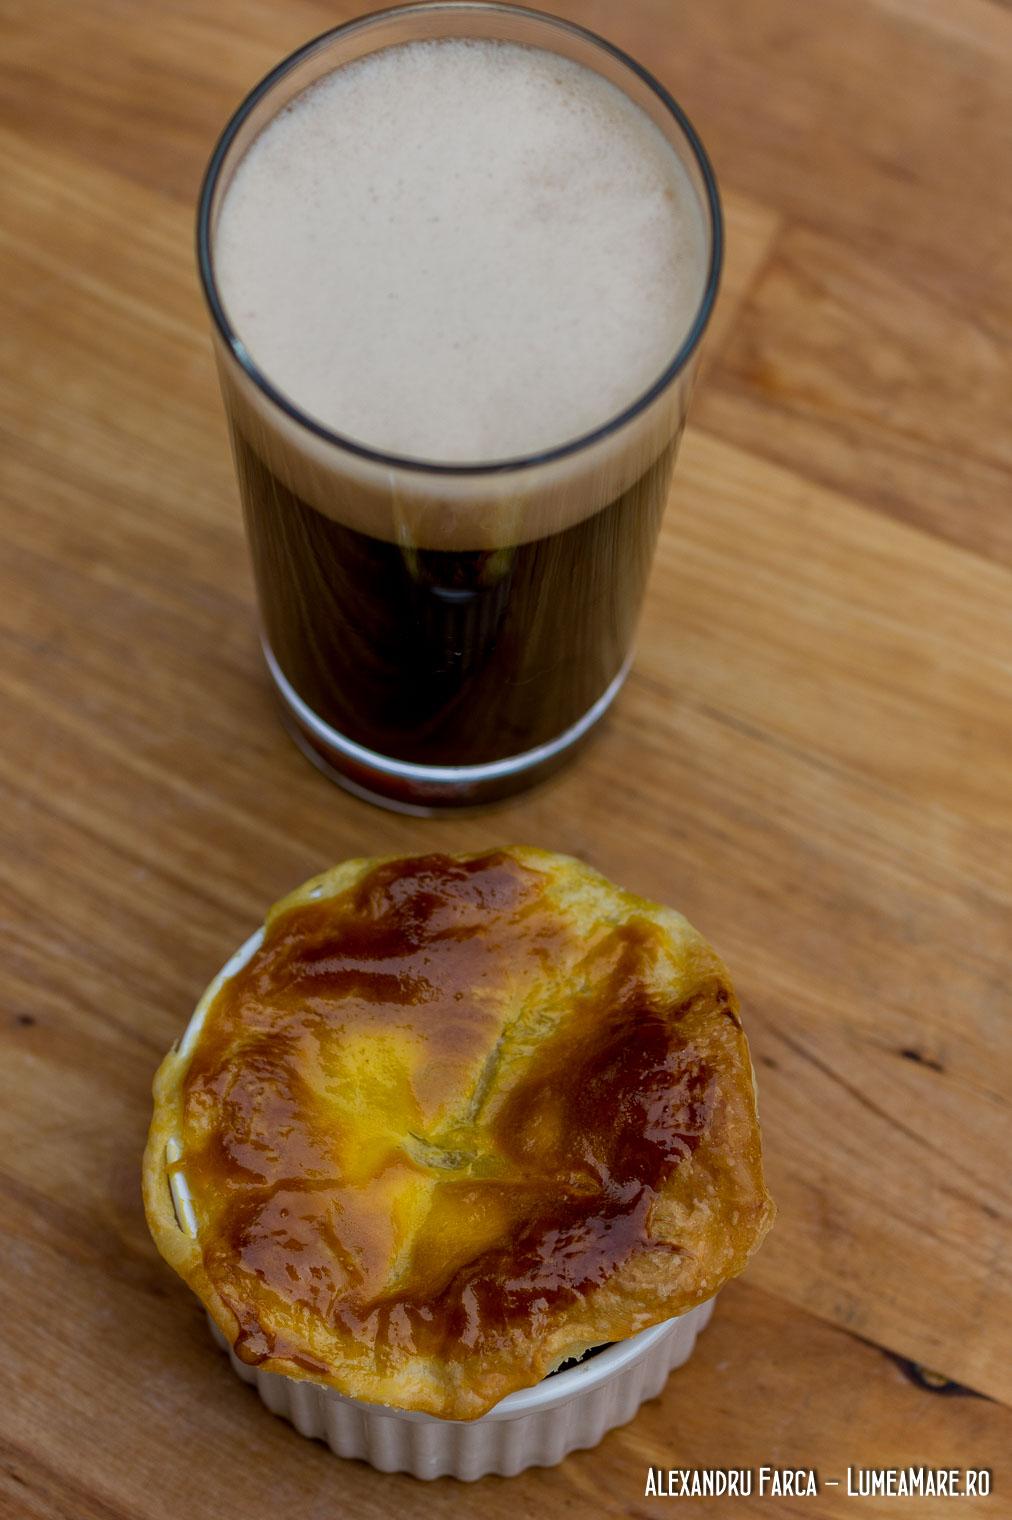 Plăcintă irlandeză cu vită şi bere Guinness